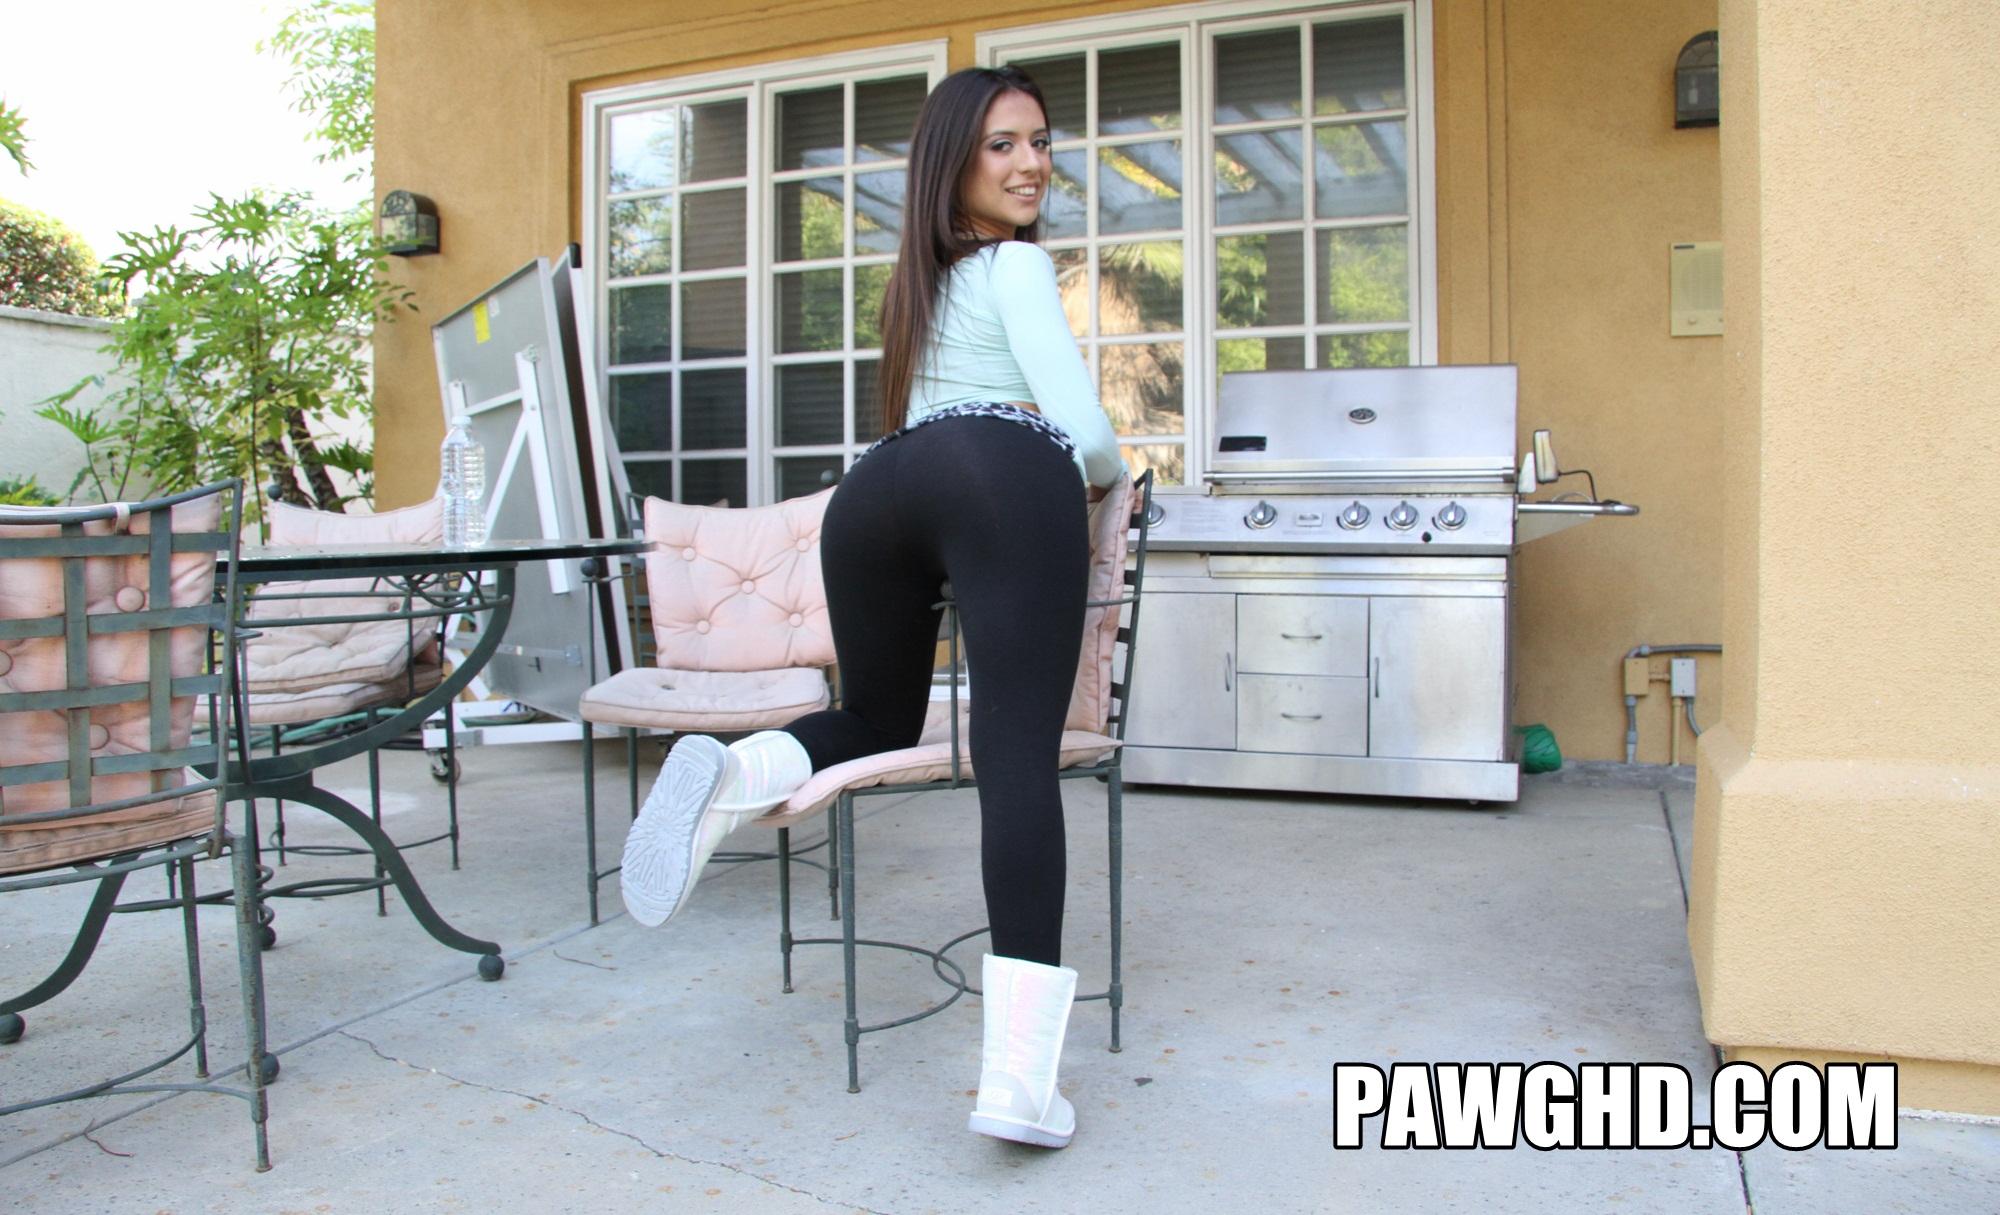 Pawghd com